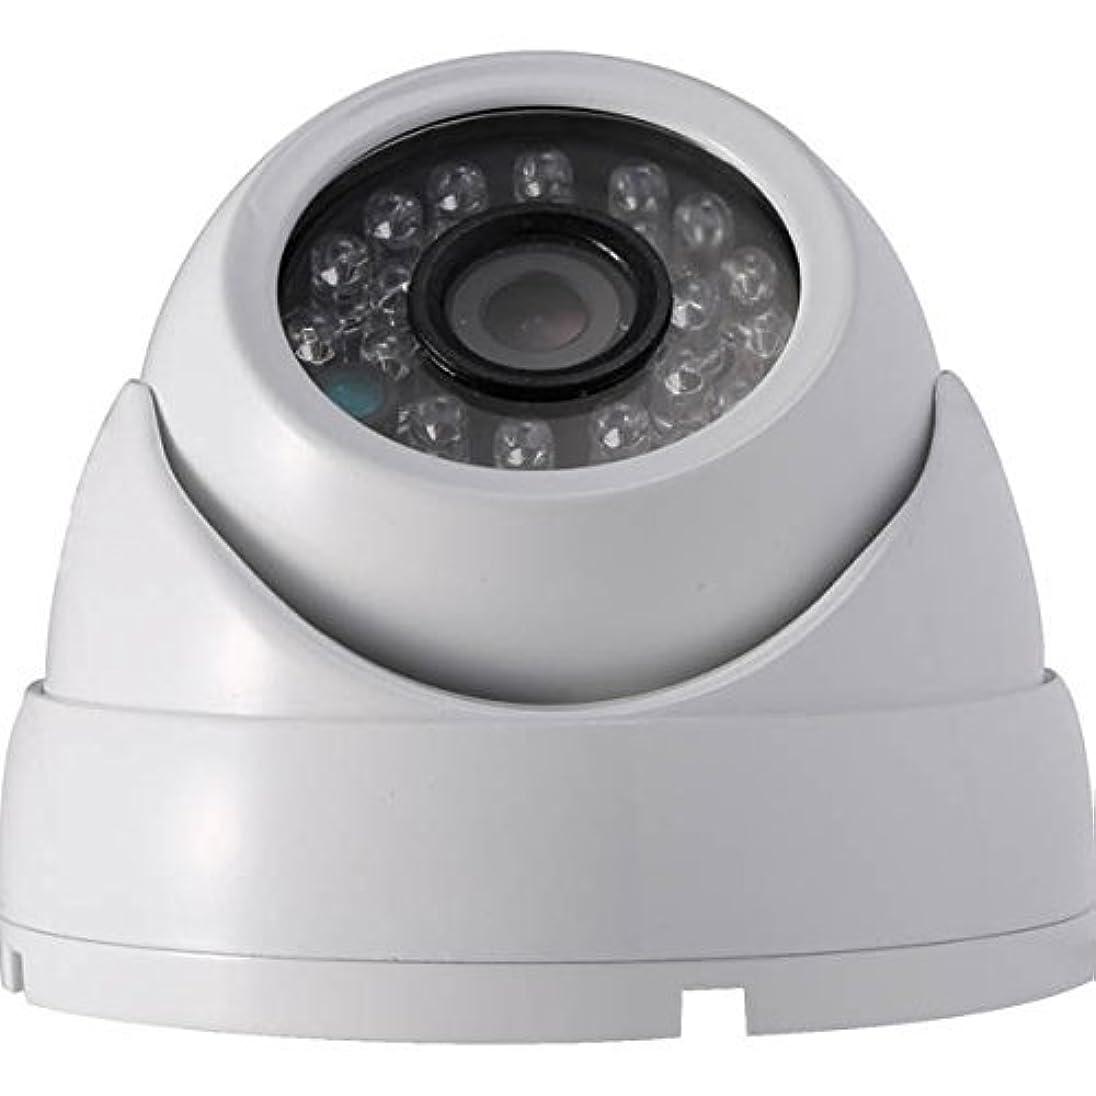 余分な吸い込む電話に出るNSK:ハイビジョン小型ドームカメラ NS-F202C NSK NS-F202C